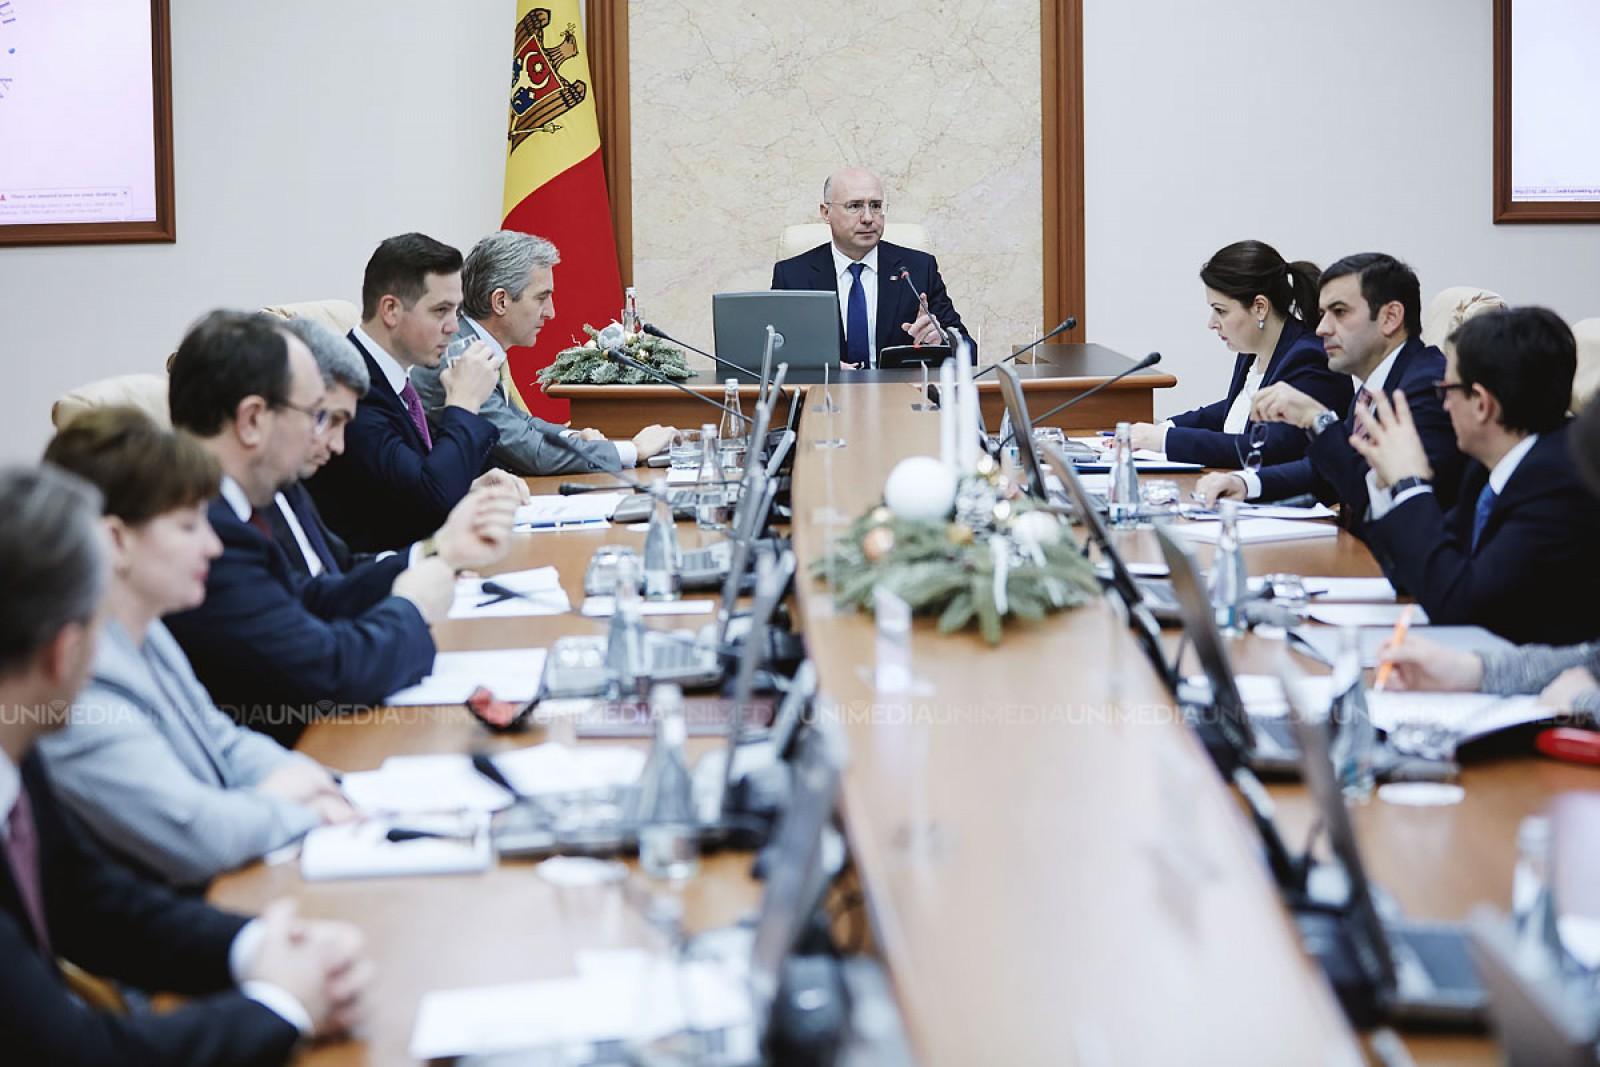 (video) Cabinetul de miniștri se întrunește într-o nouă ședință: Executivul vine cu avizul la proiectul Concepției naționale de dezvoltare a mass-mediei din RM